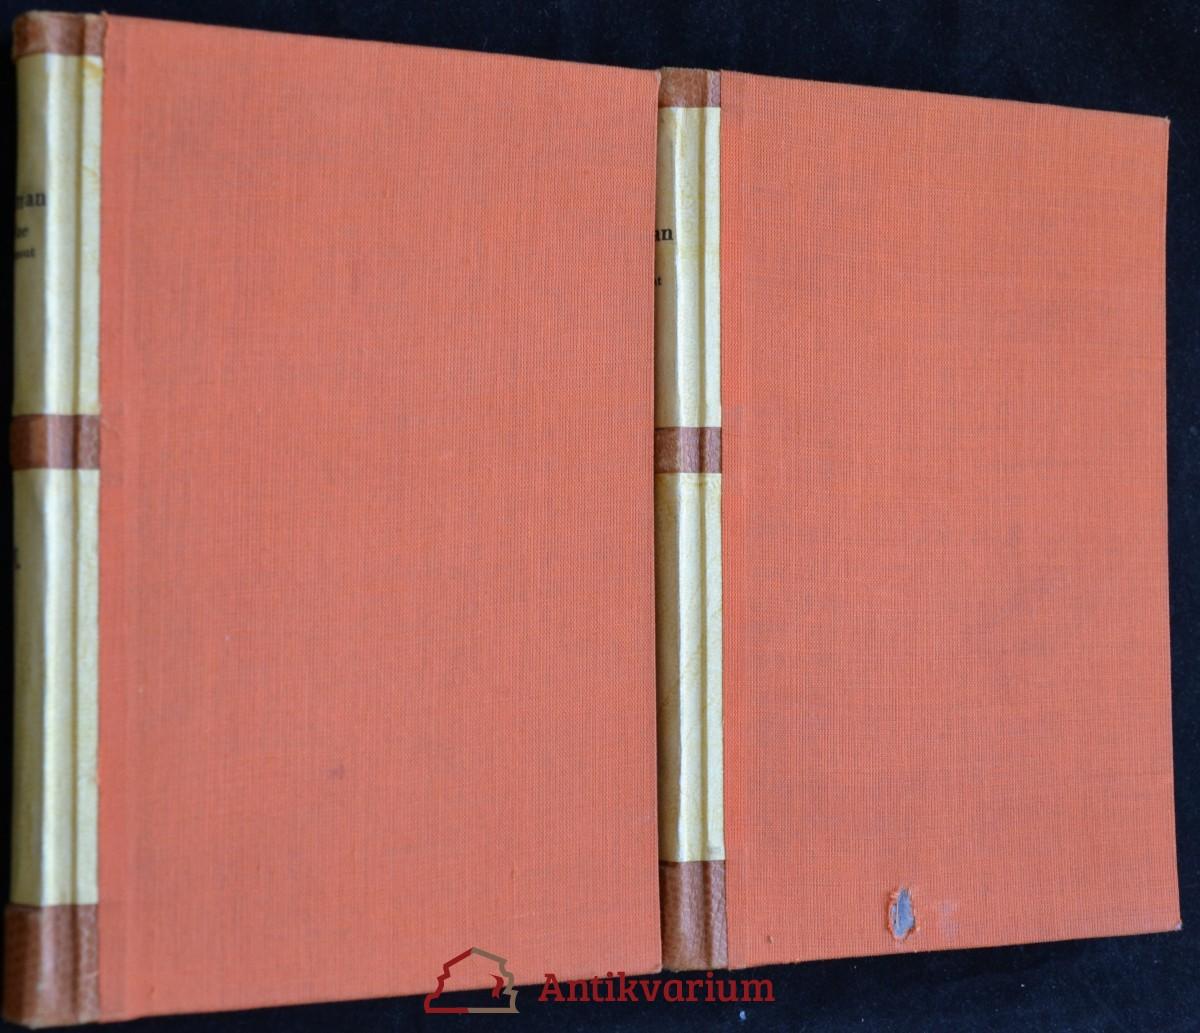 antikvární kniha Nelze uniknout, 2 svazky, 1944